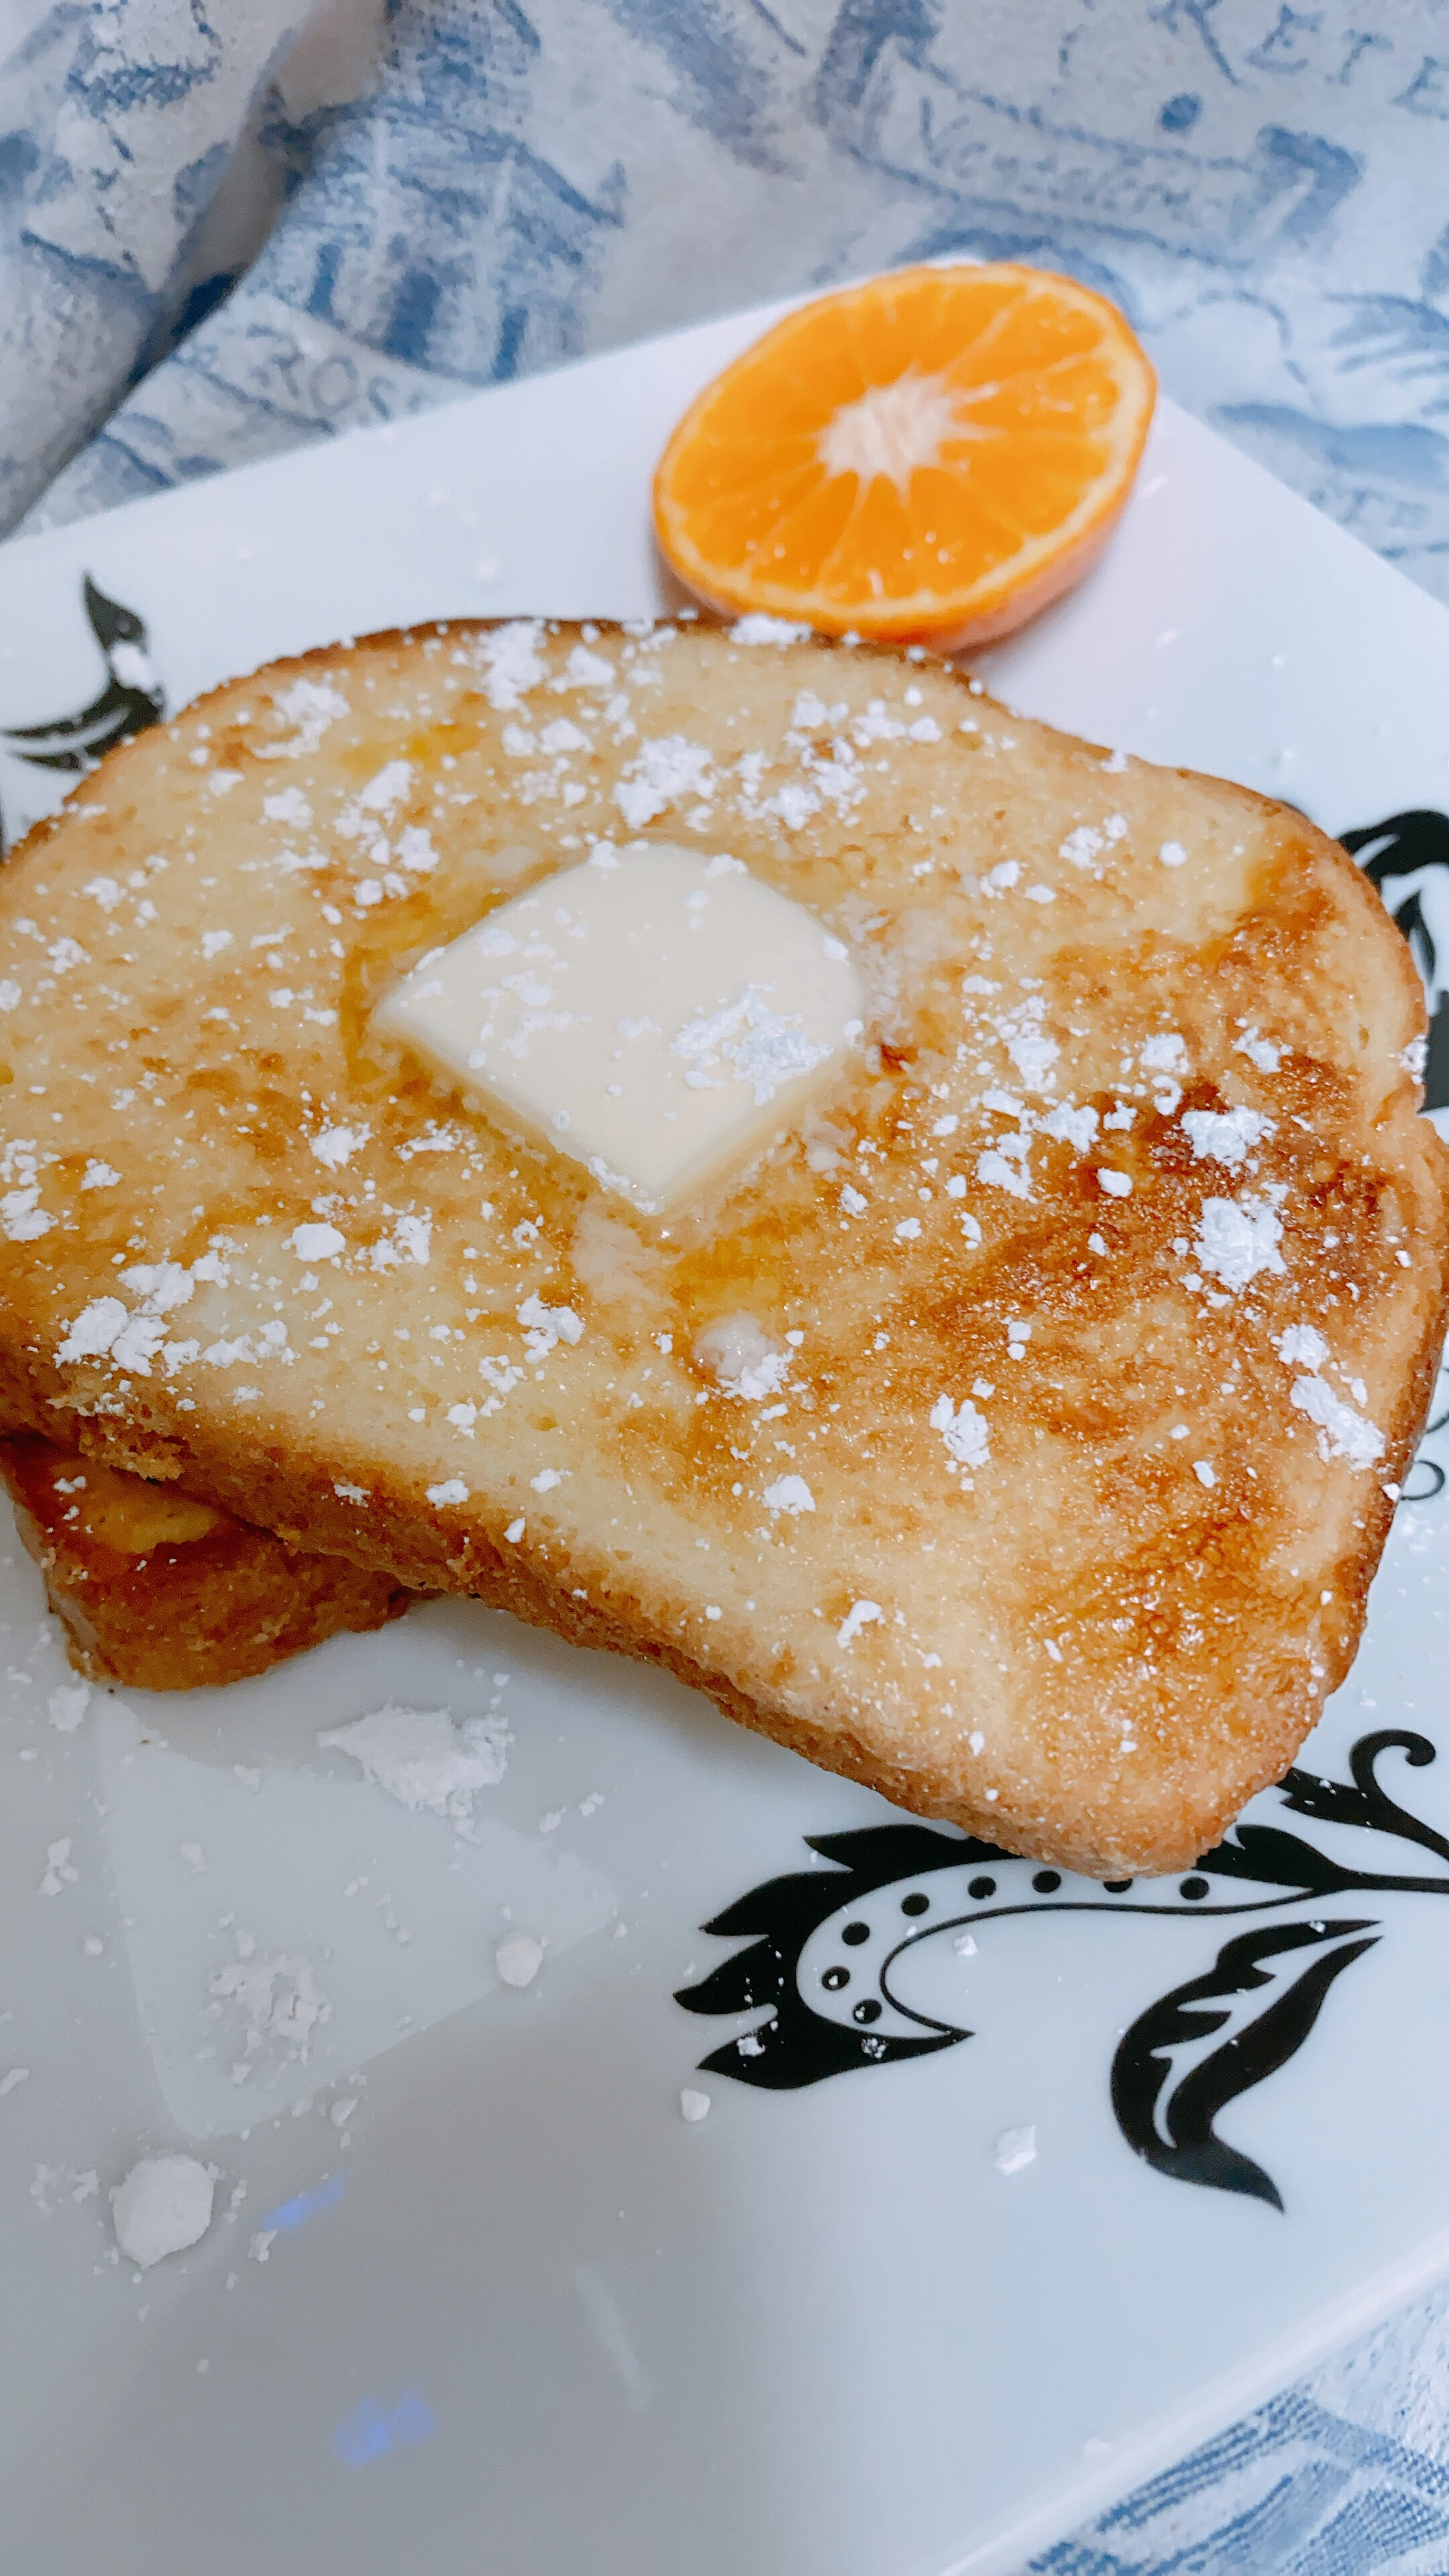 brunch worthy air fryer french toast